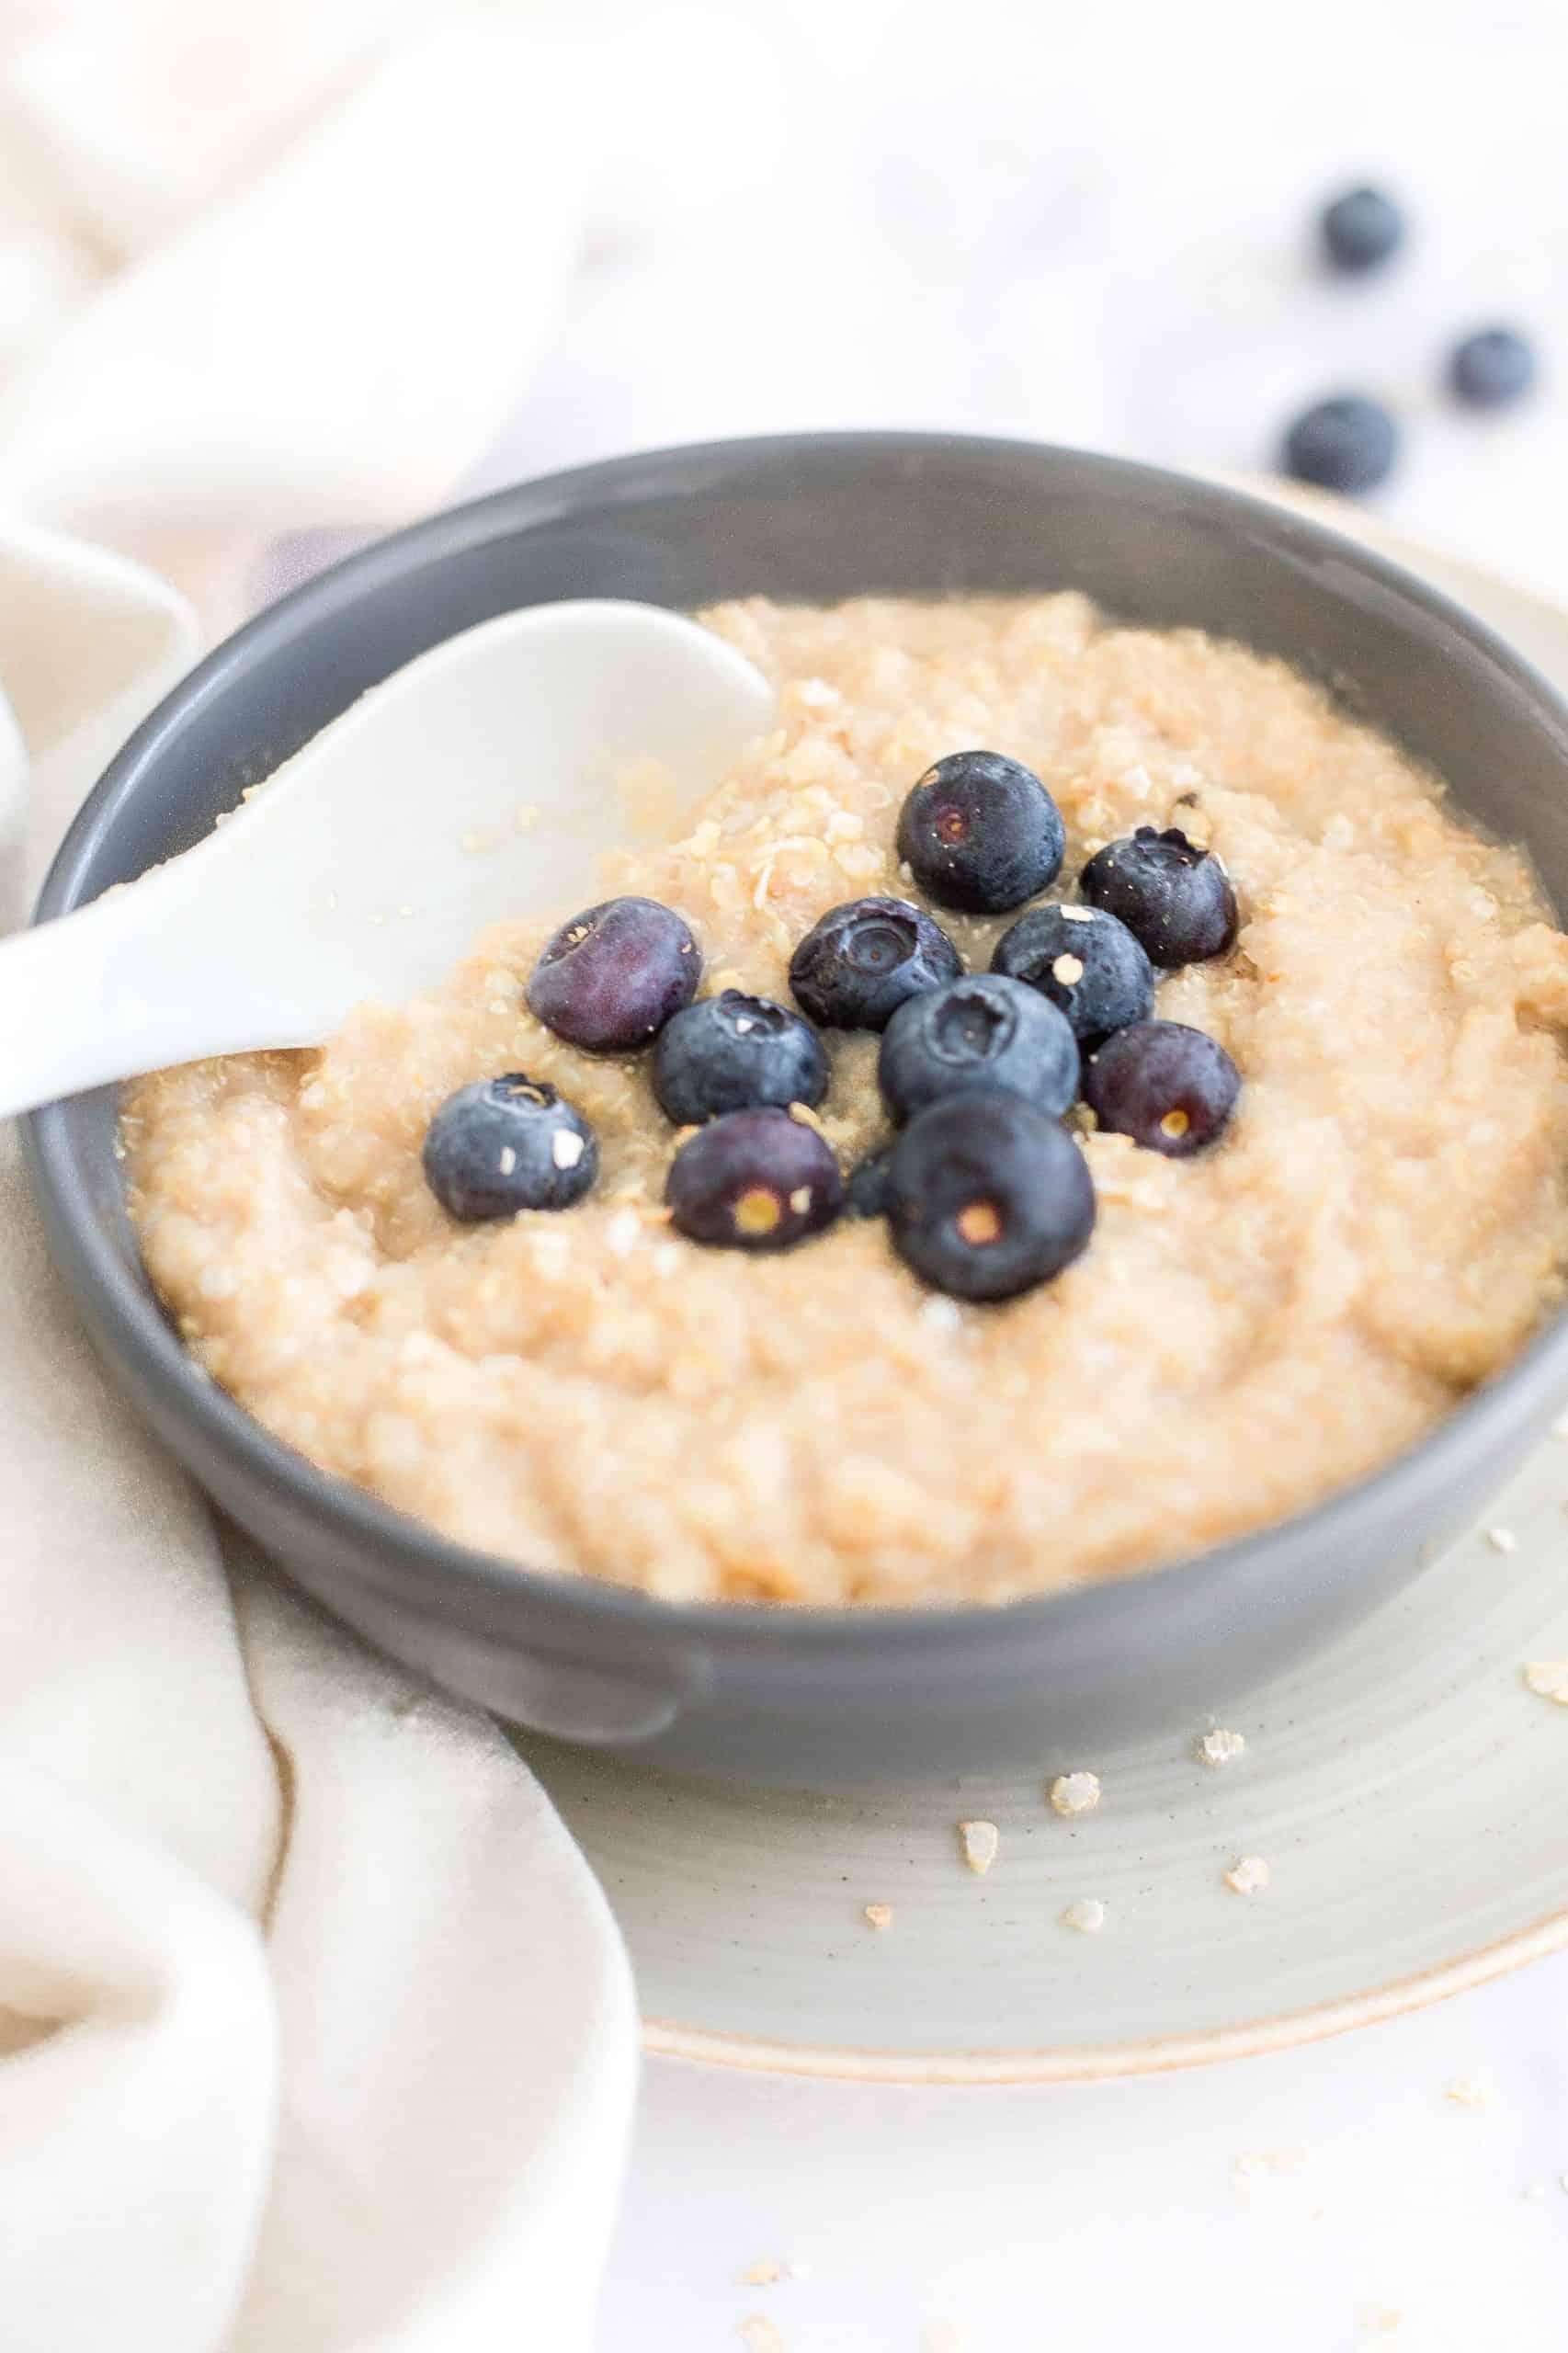 Up close shot of quinoa porridge in a gray bowl.